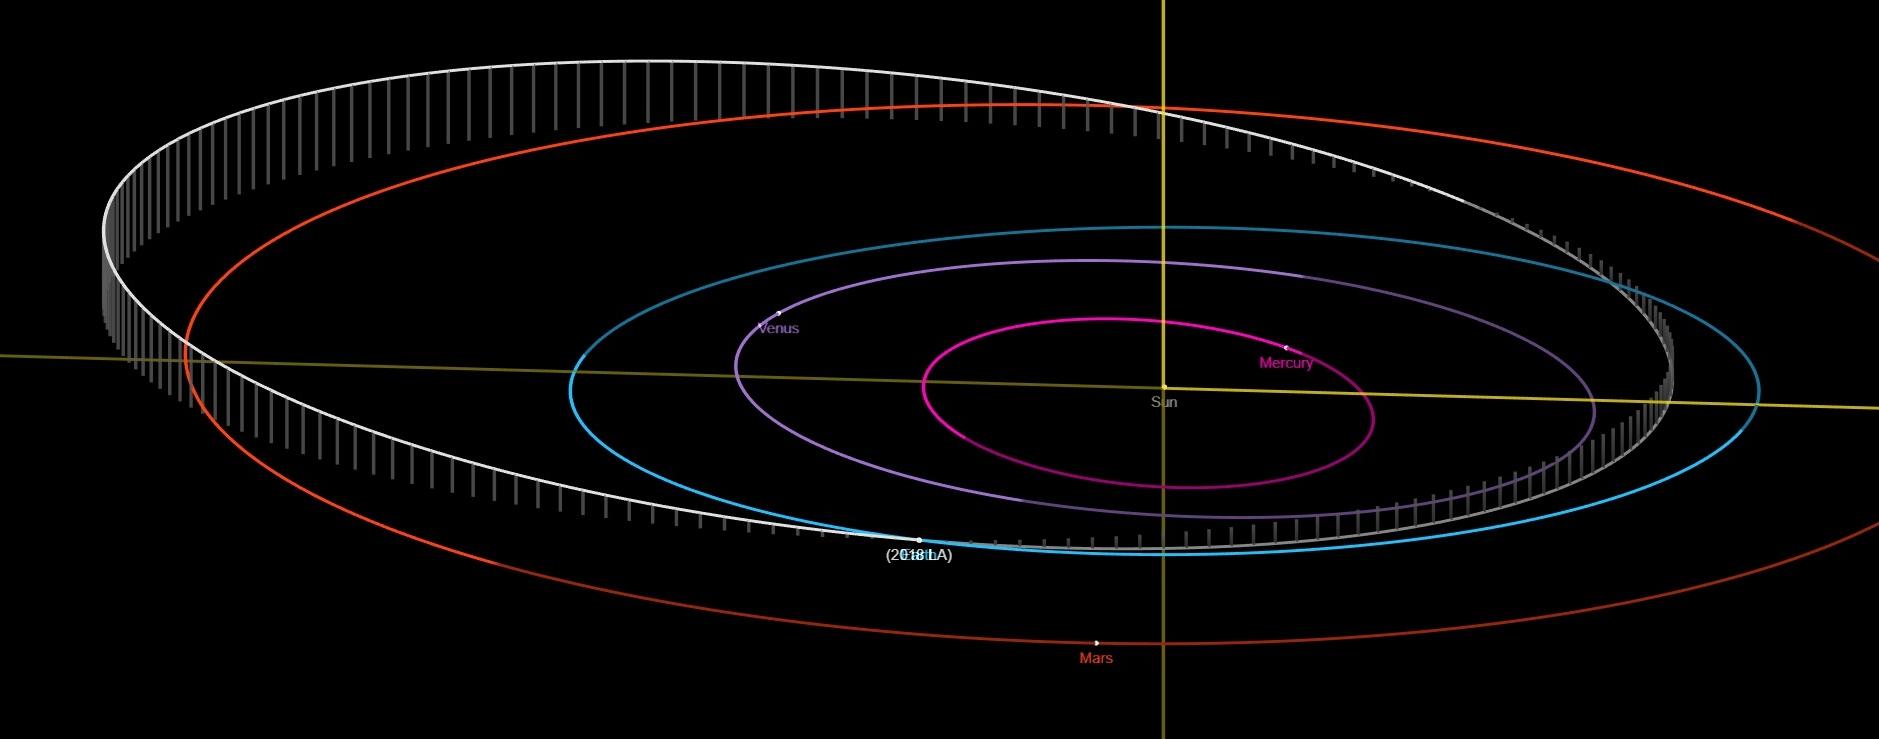 Orbit of asteroid 2018 LA